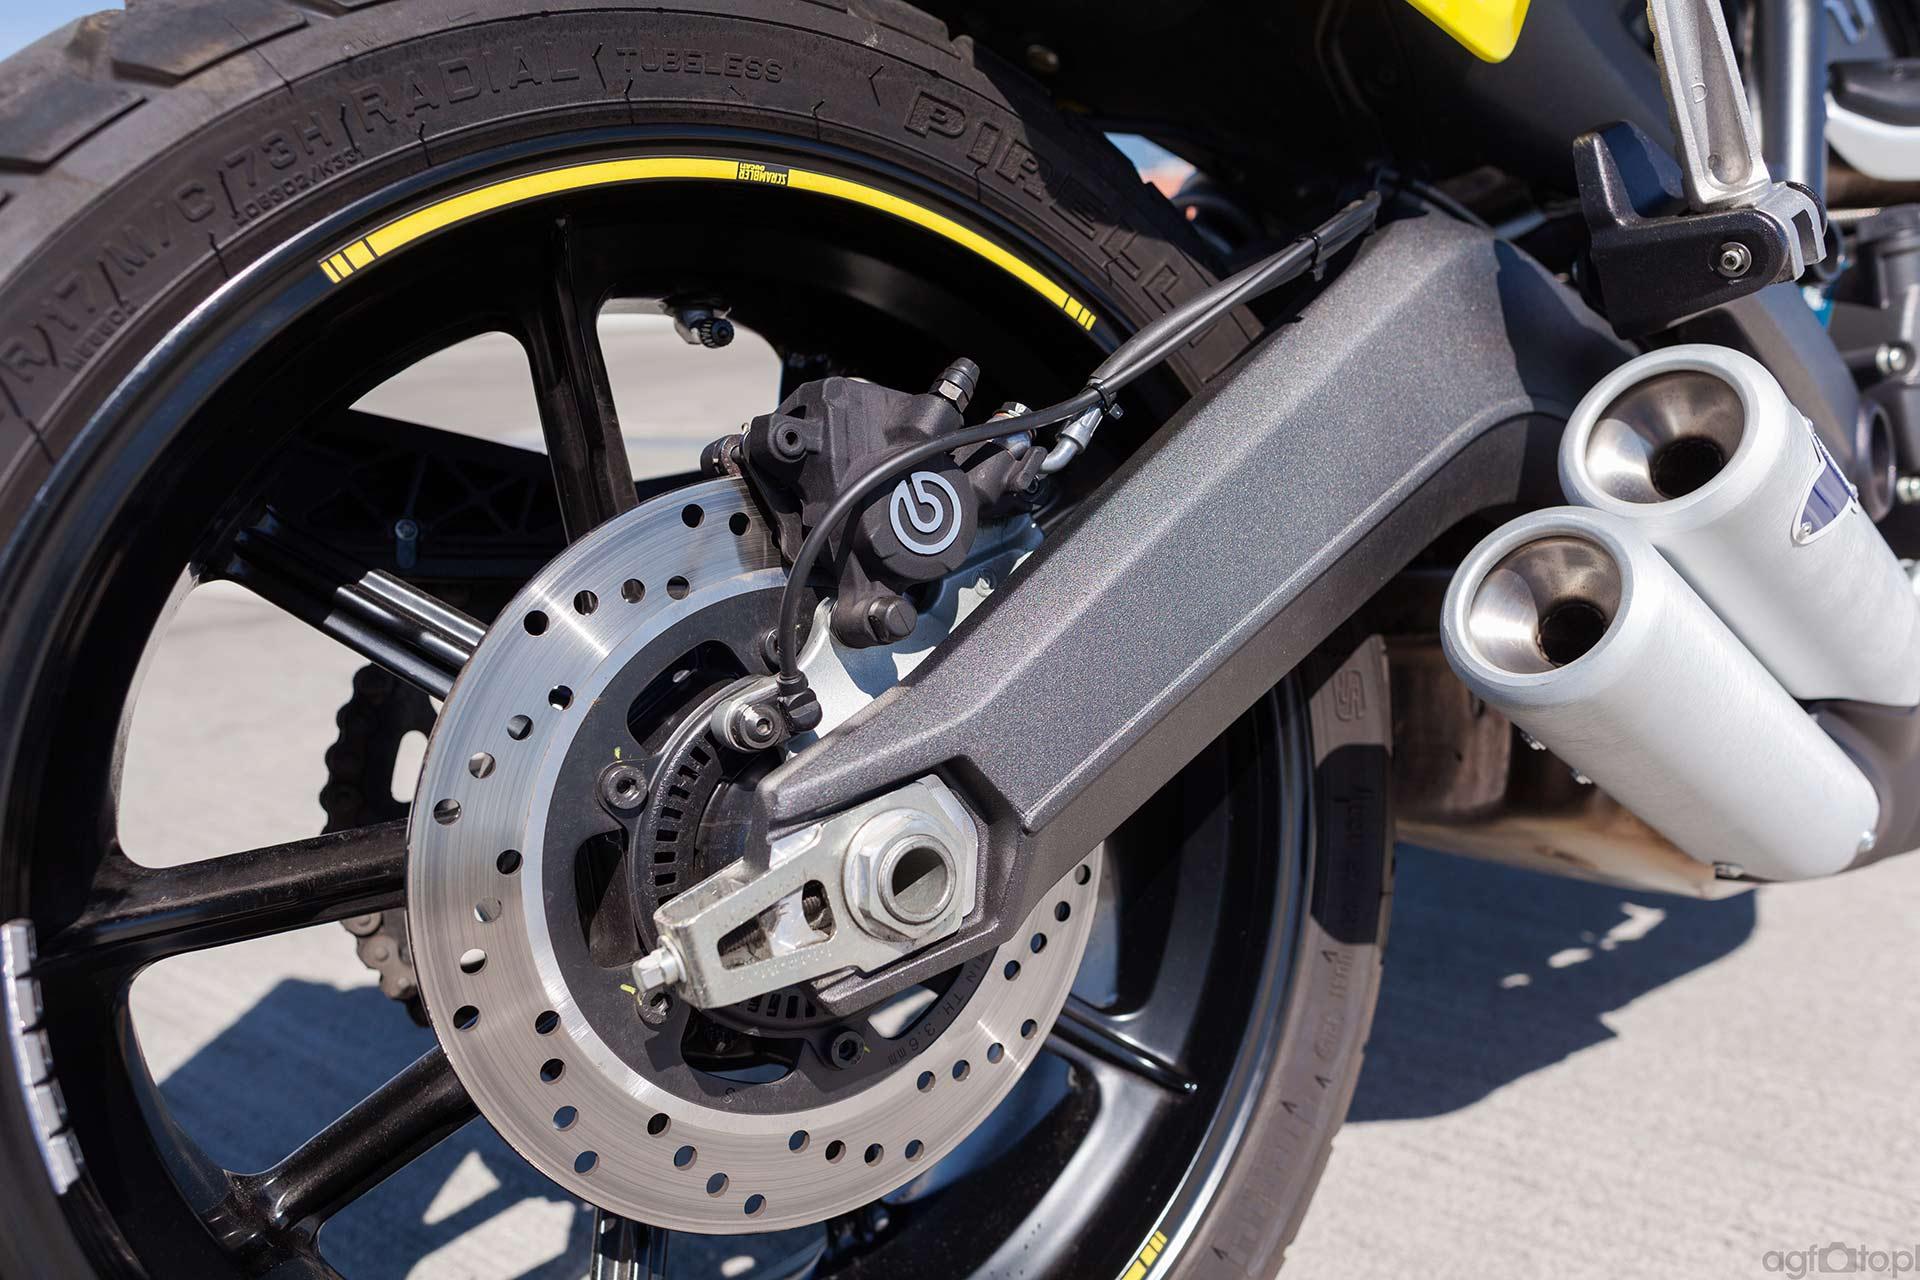 ducati_scrambler_wydech_motocyklicznie